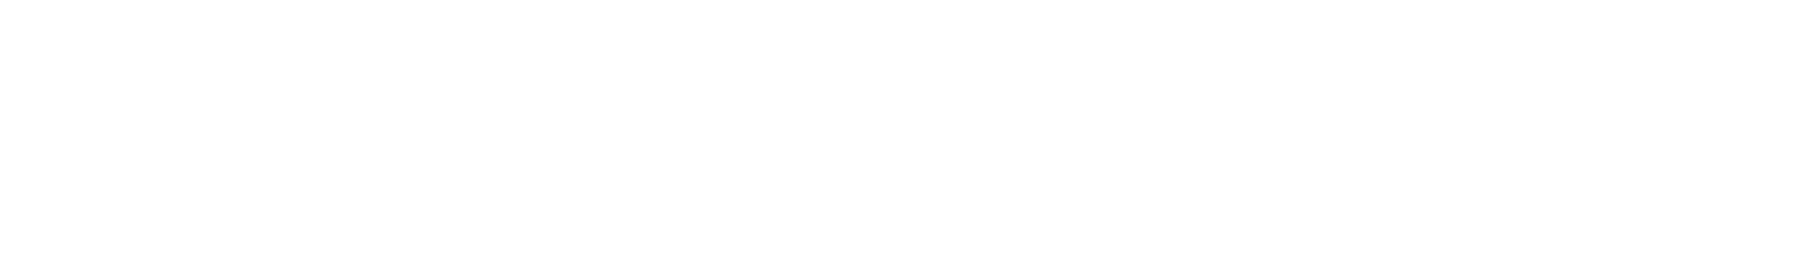 vedh synth cut 057 em